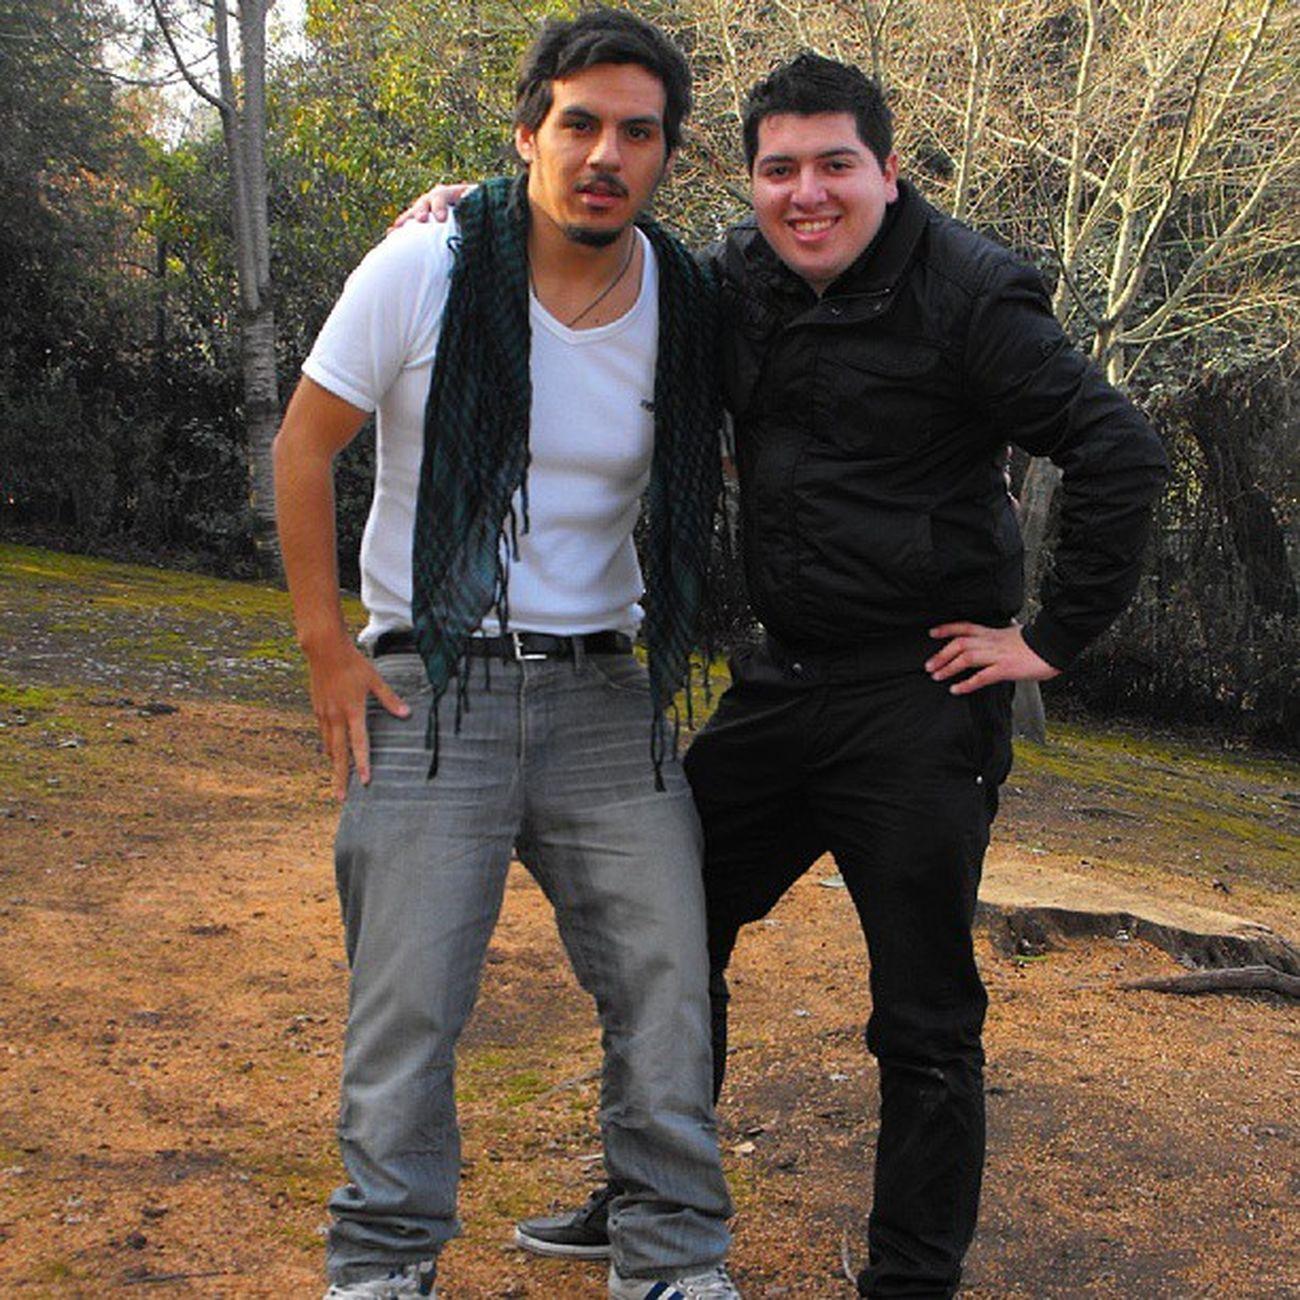 Otra con mi Friend de Argentina Buenosaires Panshop .